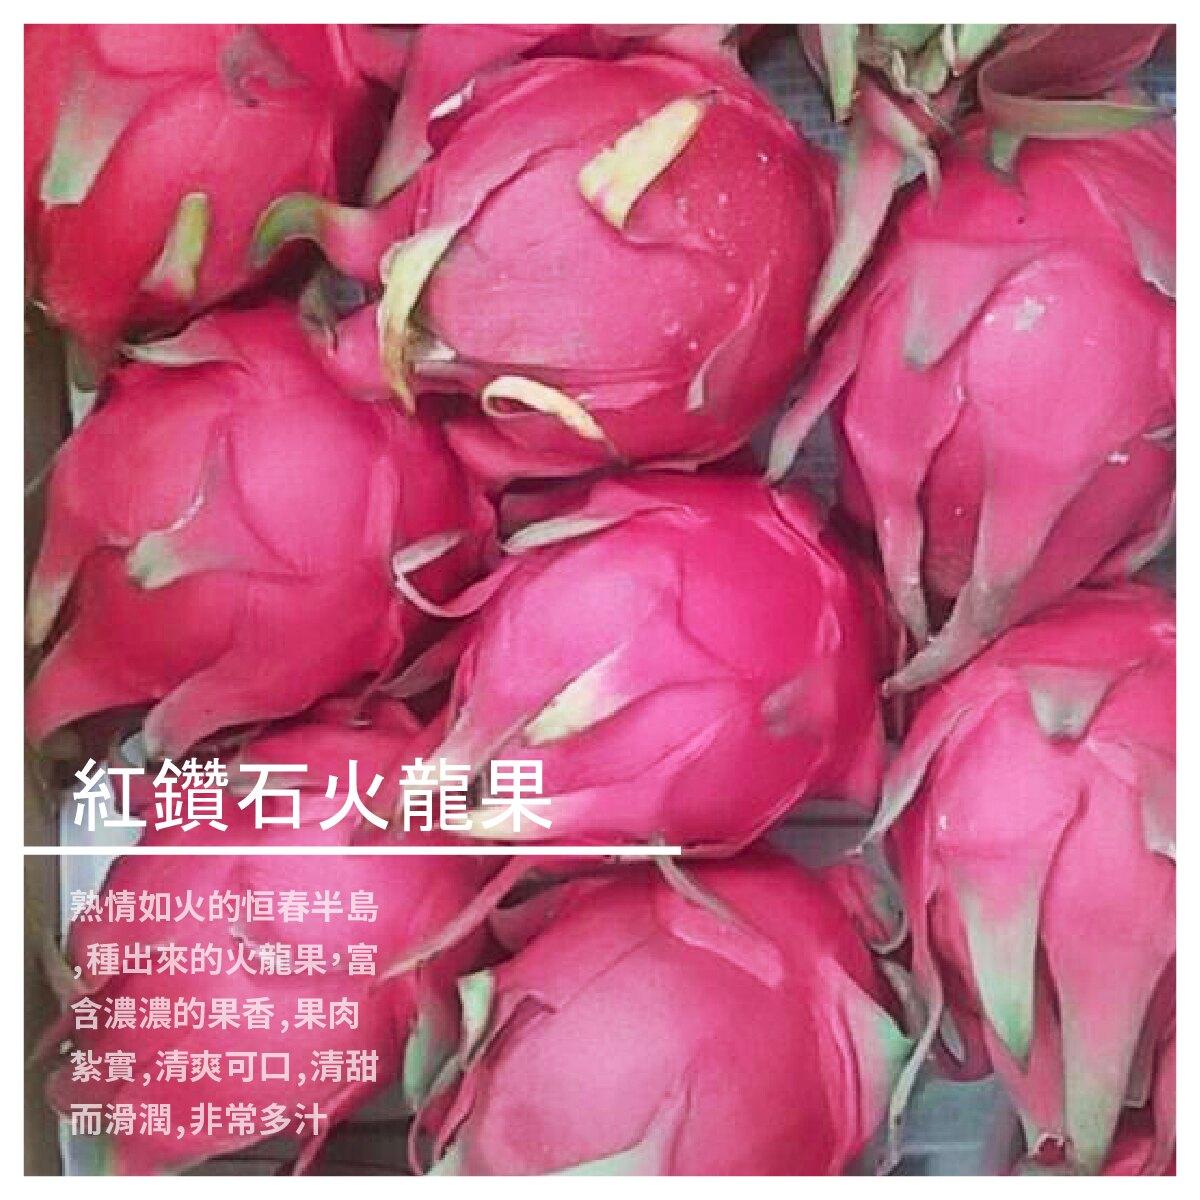 【峰億農產行】紅鑽石火龍果 8粒裝